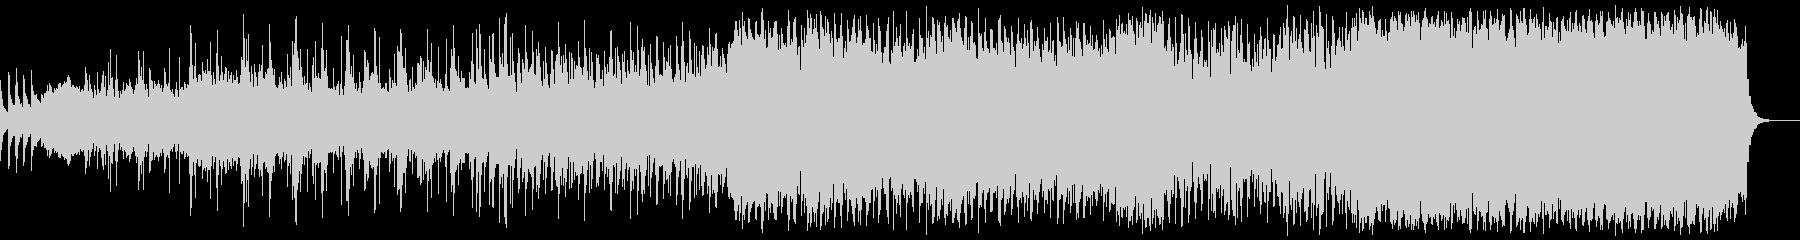 軽快でスケールの大きいミドルテンポの未再生の波形